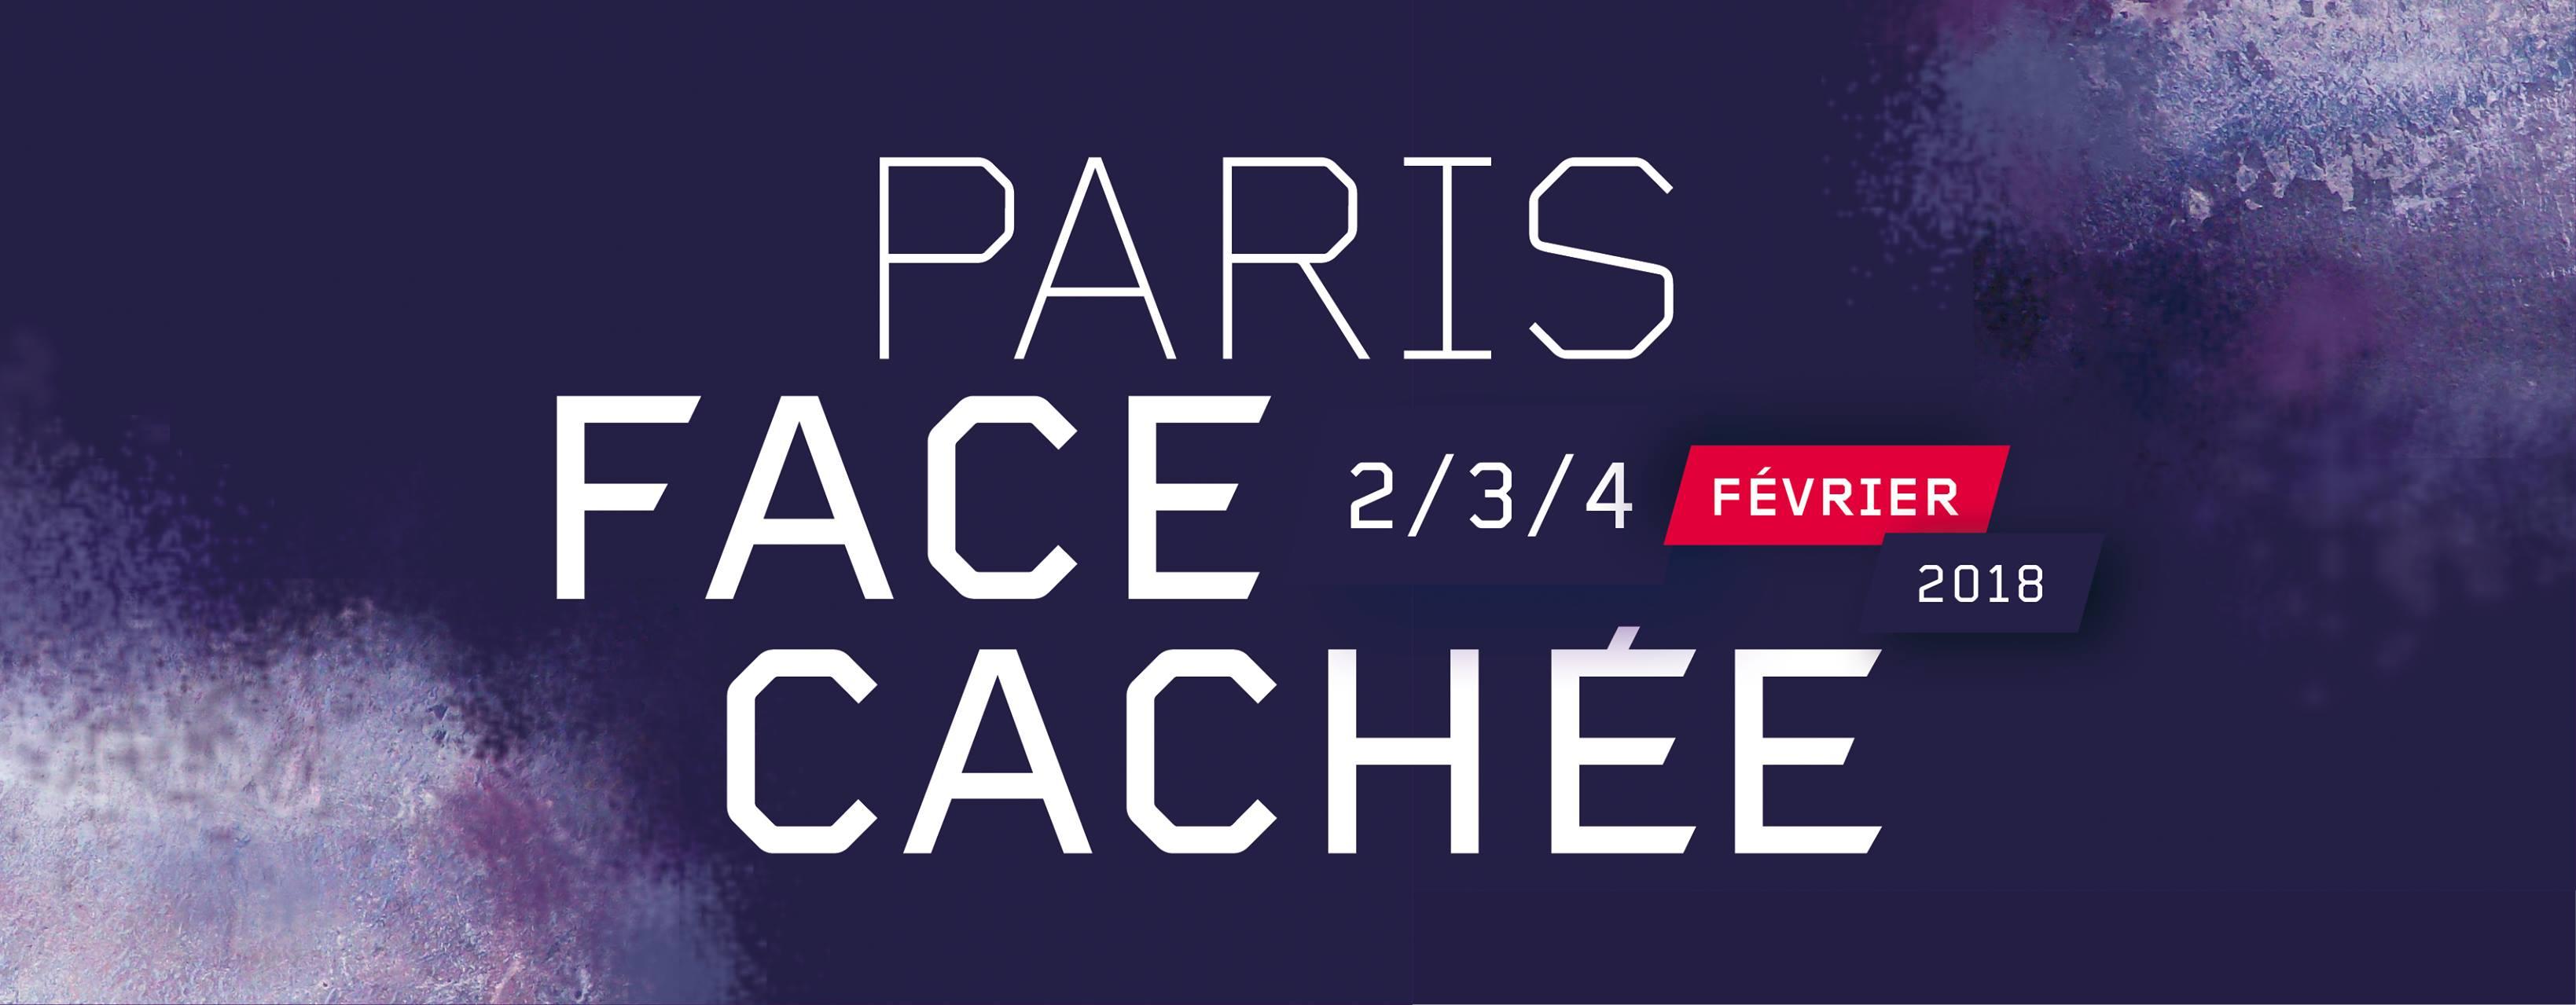 De 100 Lieux Secrets Interdits Inconnus Et Caches Au Public A Decouvrir Dans Paris